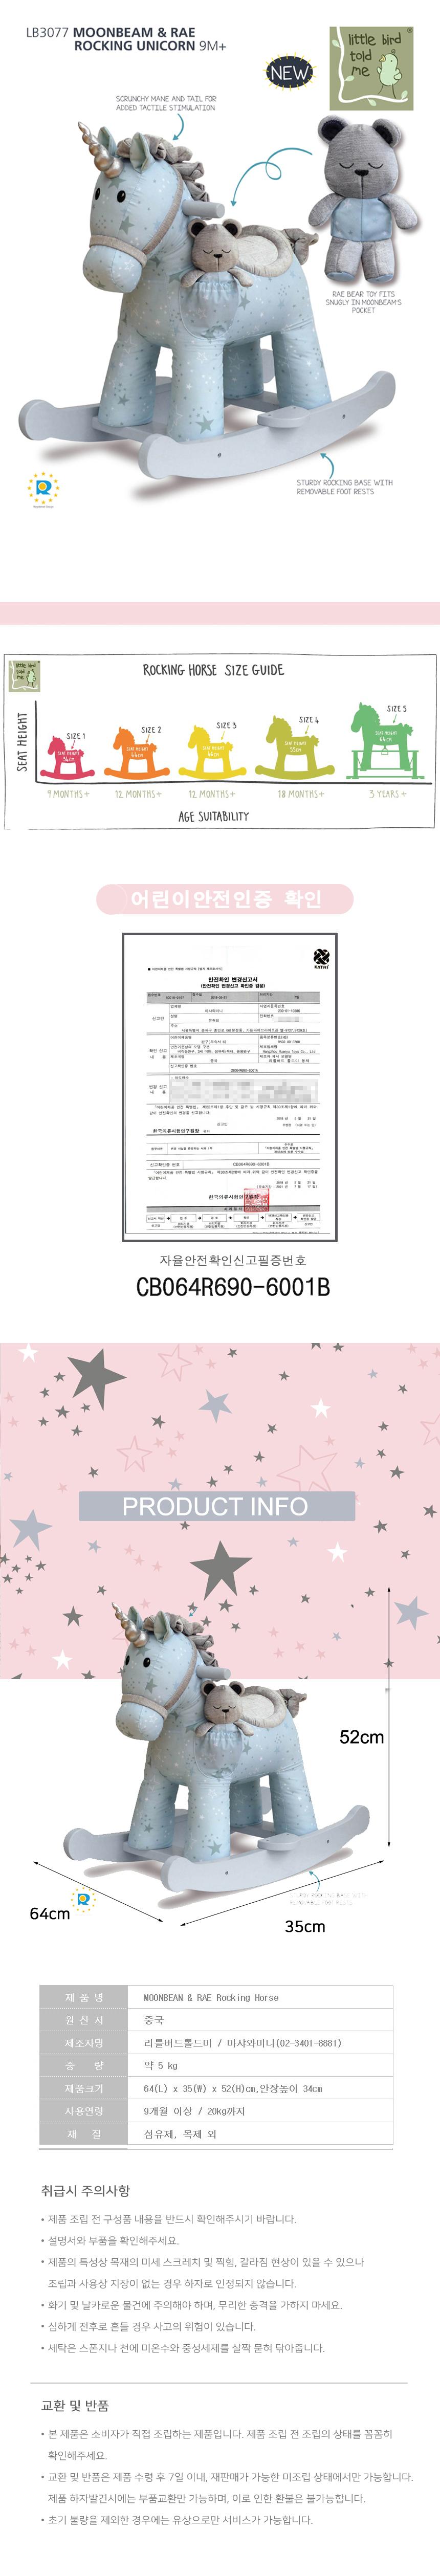 블루 유니콘 9M+ 흔들말 유아 실내 승용완구 - 리틀버드톨드미, 248,000원, 장난감, 승용완구